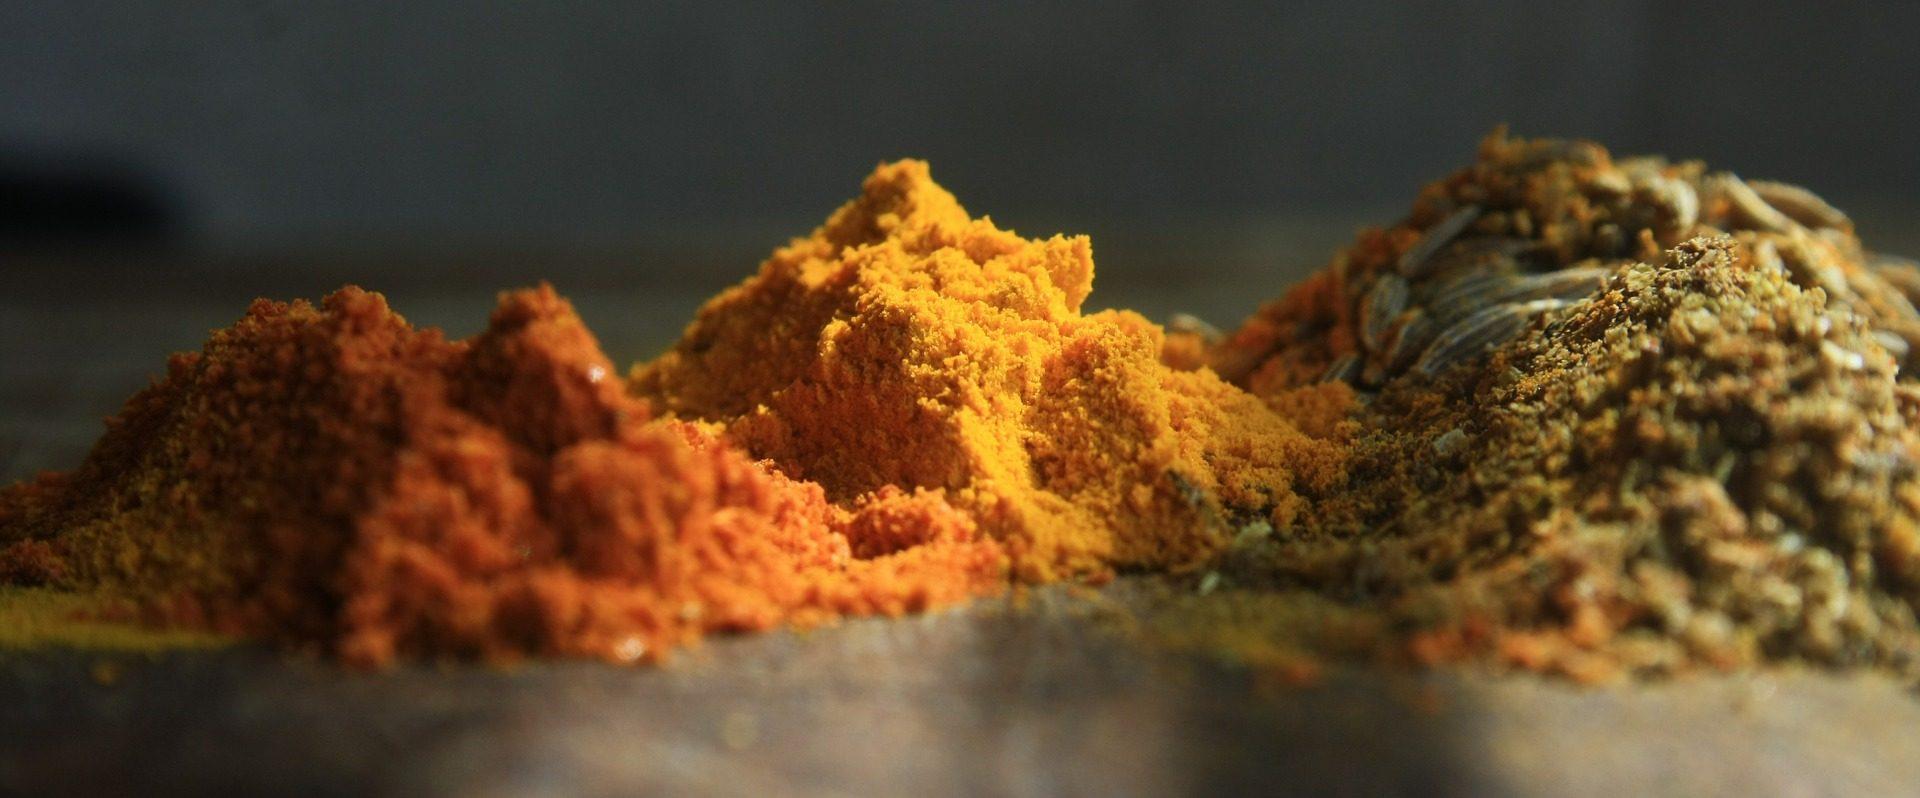 sabores, Gewürze, exóticas, Zutaten, aromasAromenen - Wallpaper HD - Prof.-falken.com